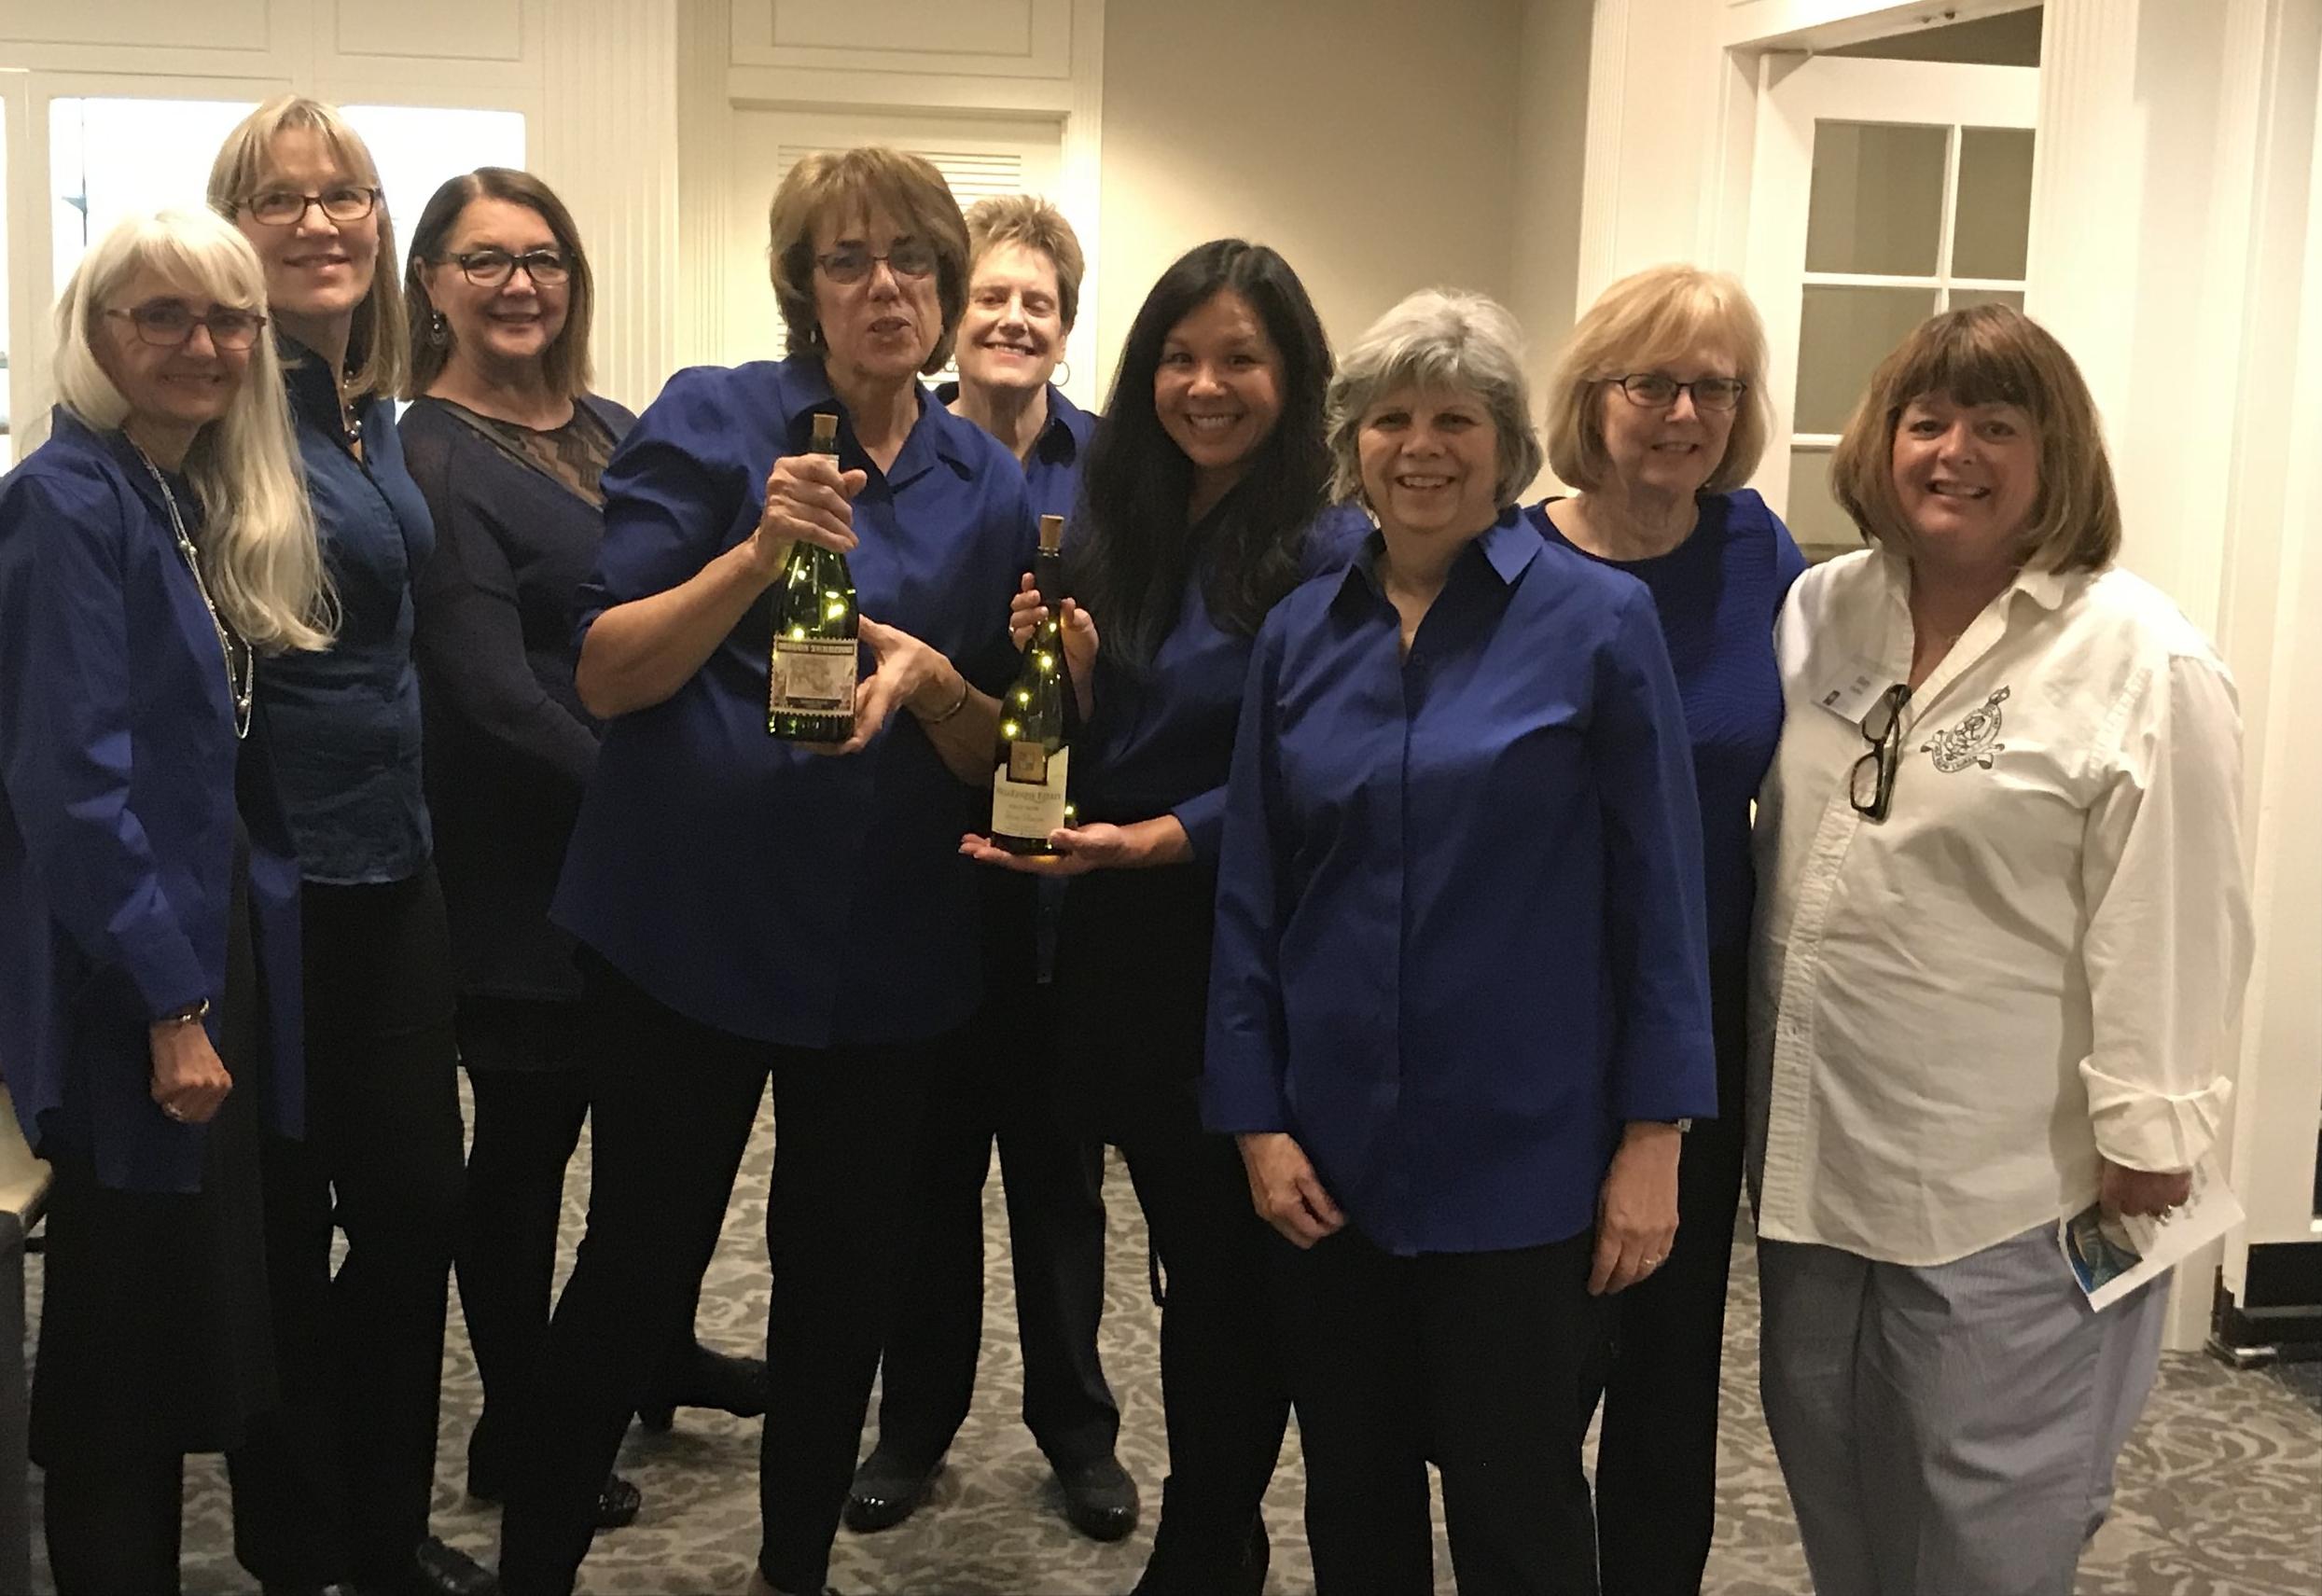 Members of Oswego Friends of Doernbecher after a night of Winefest 2018